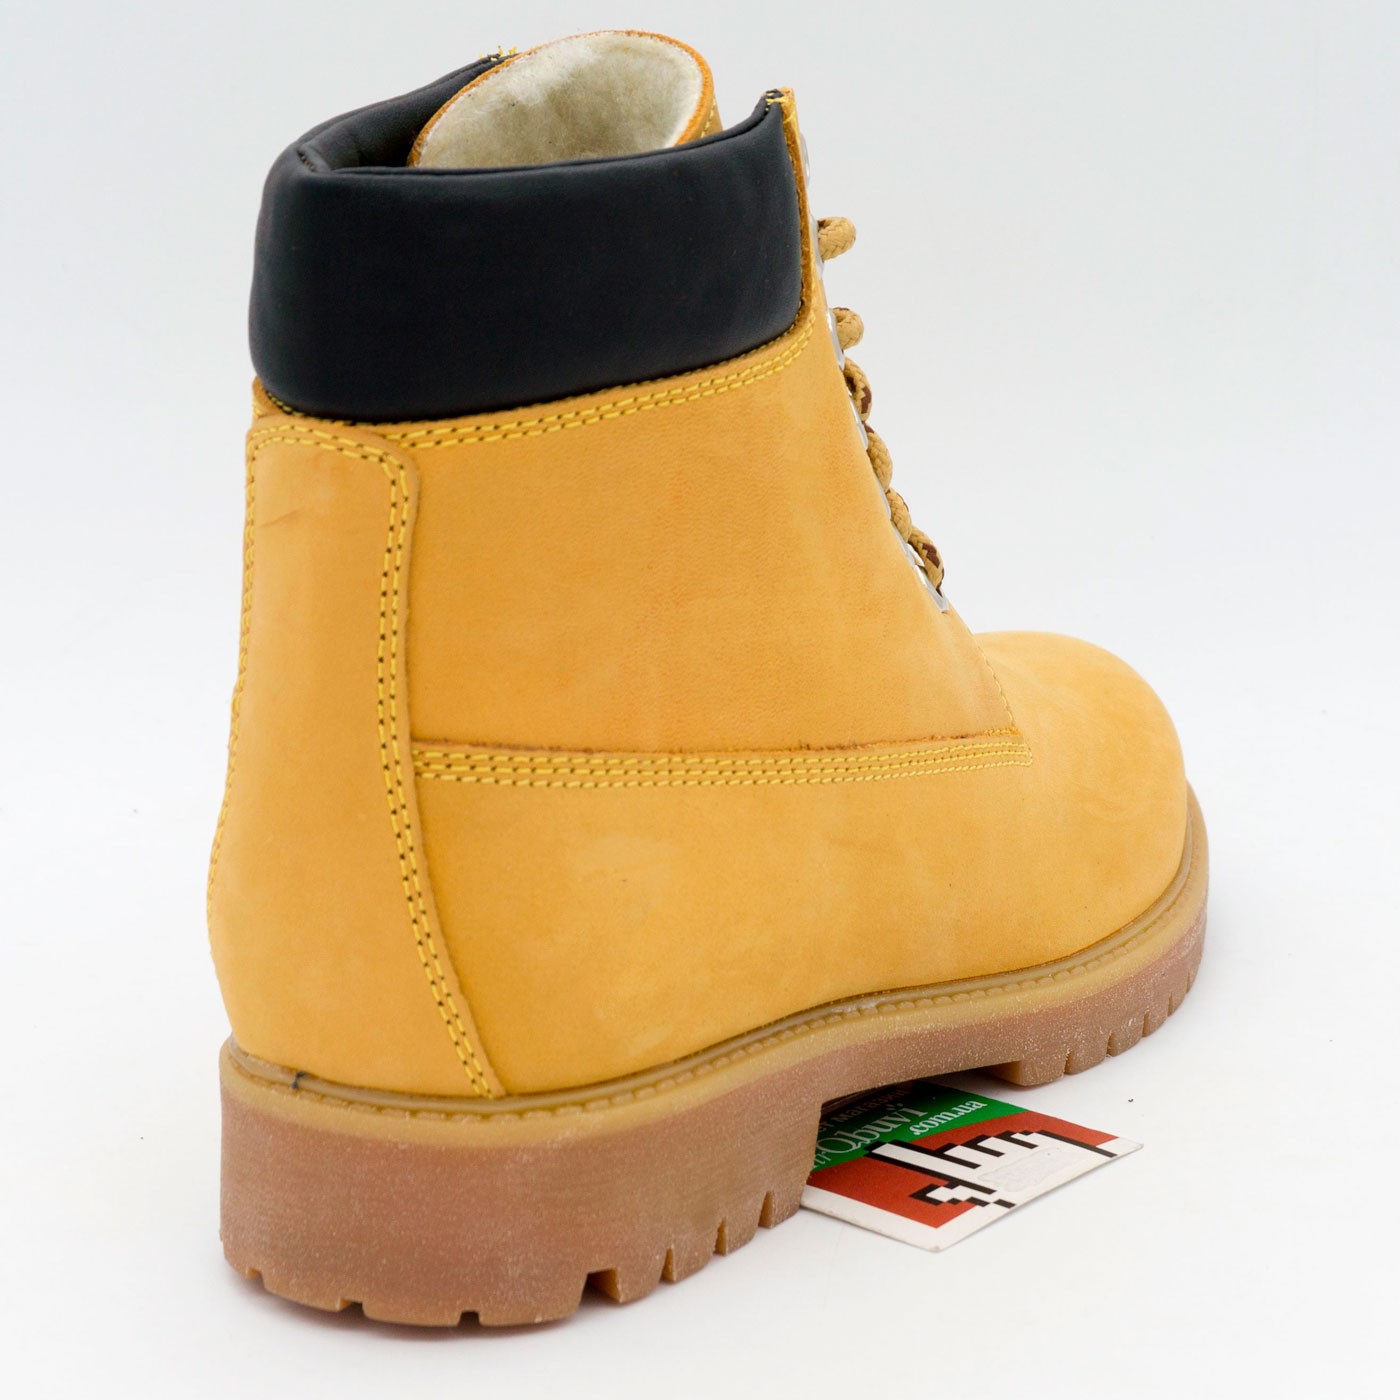 фото bottom Желтые женские ботинки Tim-and 102 (сделано в Украине) bottom